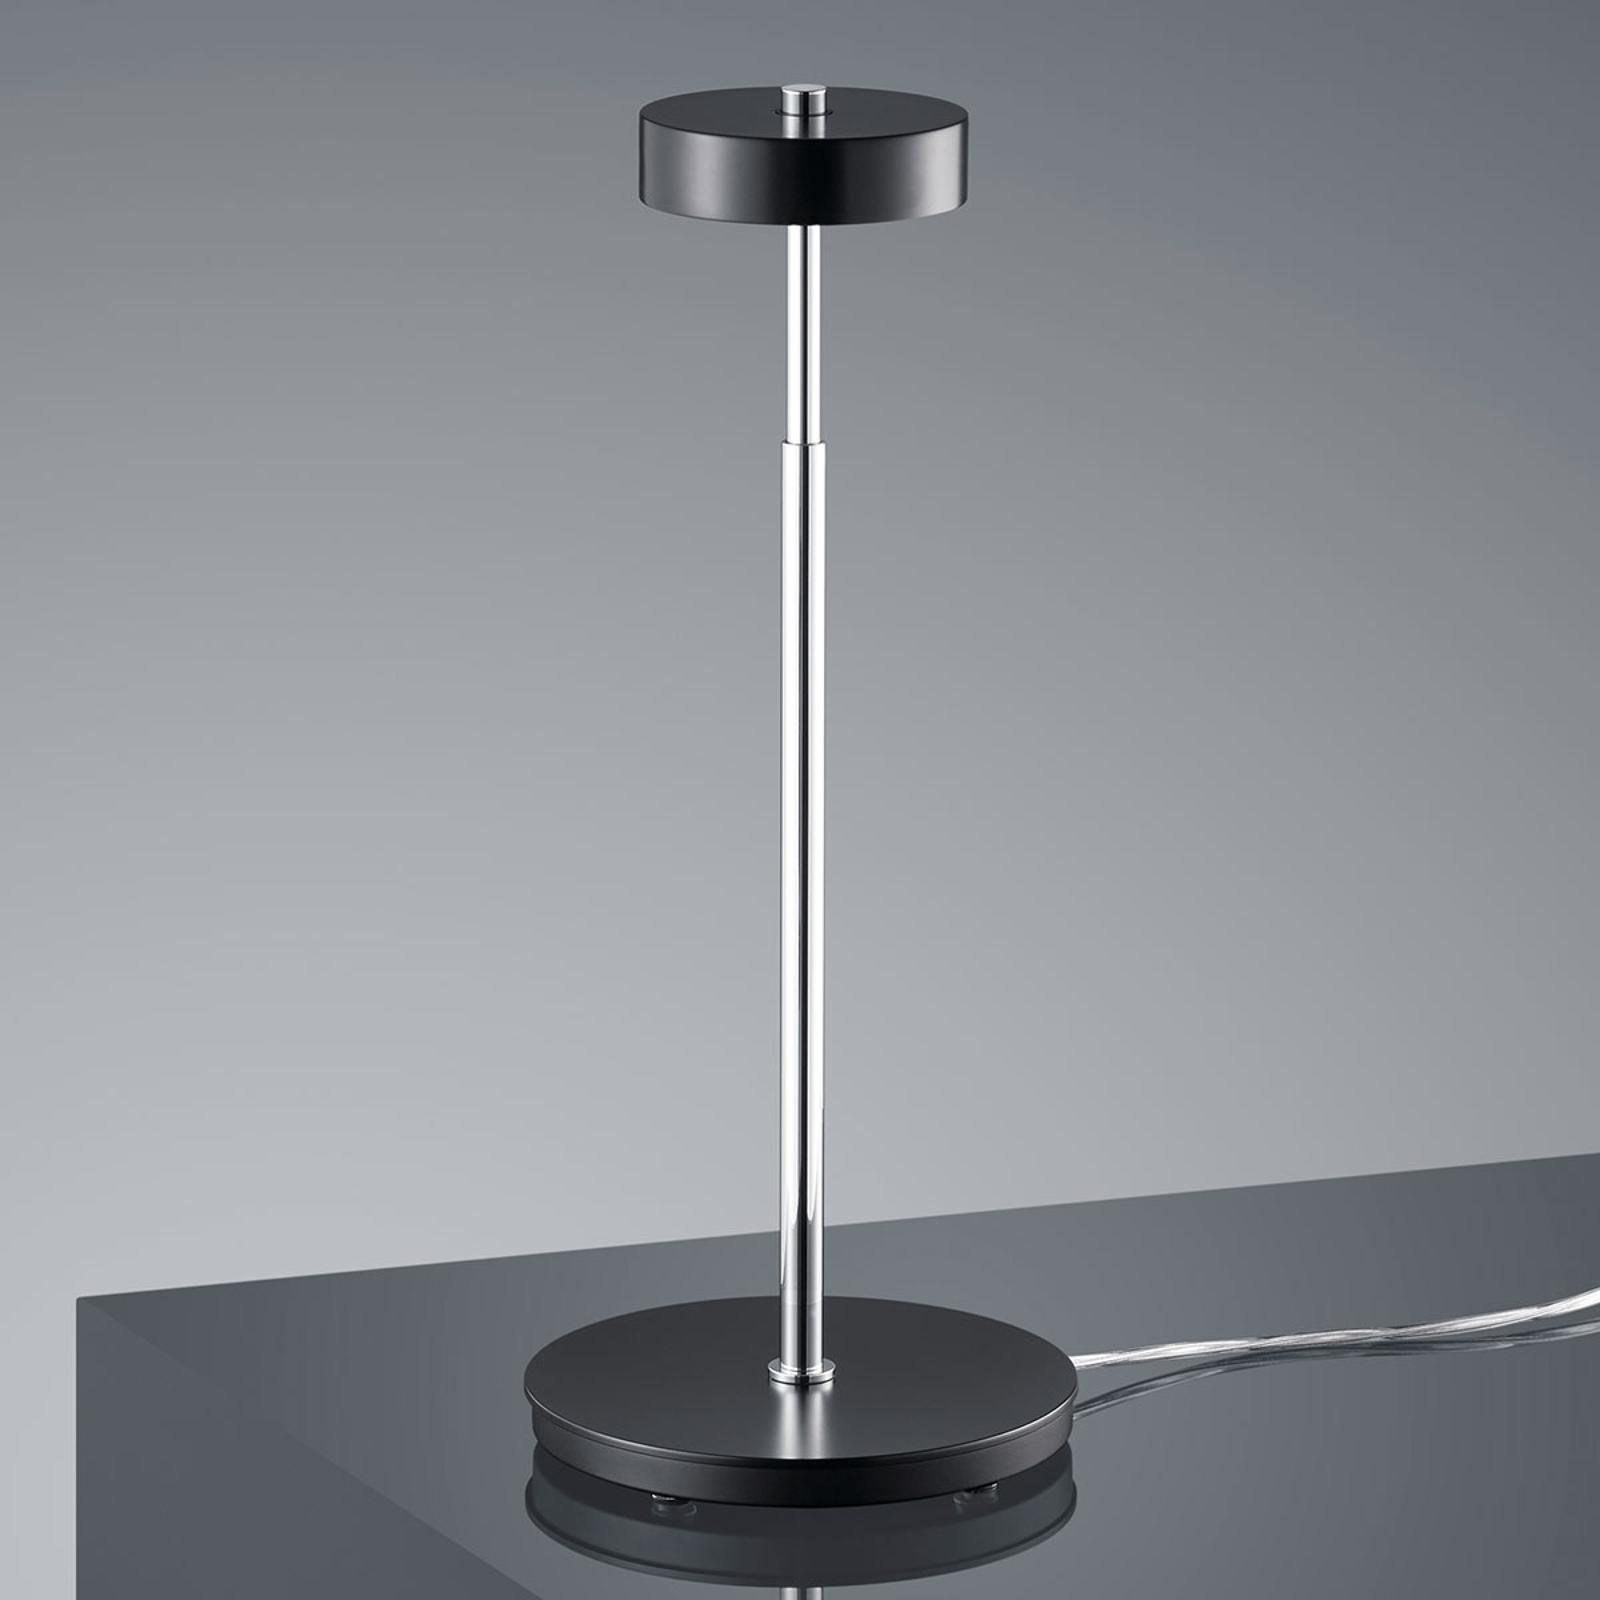 Baulmann 14.108.69 LED-Tischleuchte Sensor schwarz